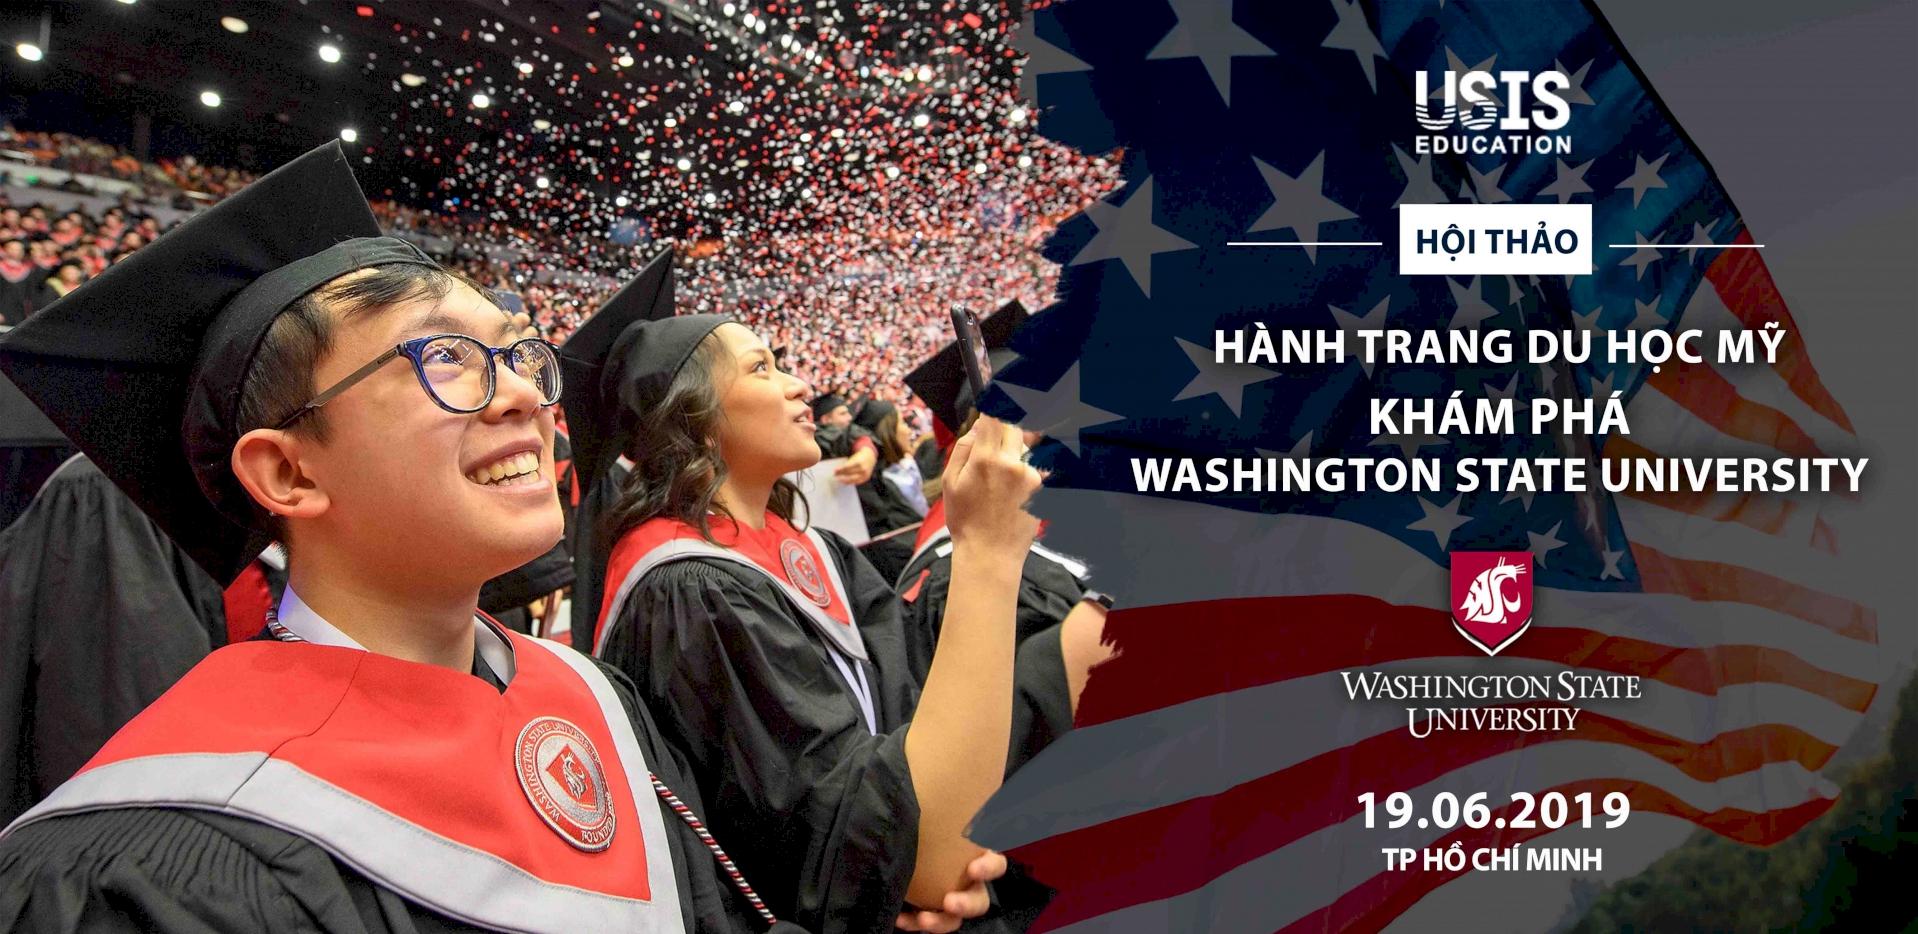 Hội thảo hành trang du học Mỹ - Khám phá Washington State University